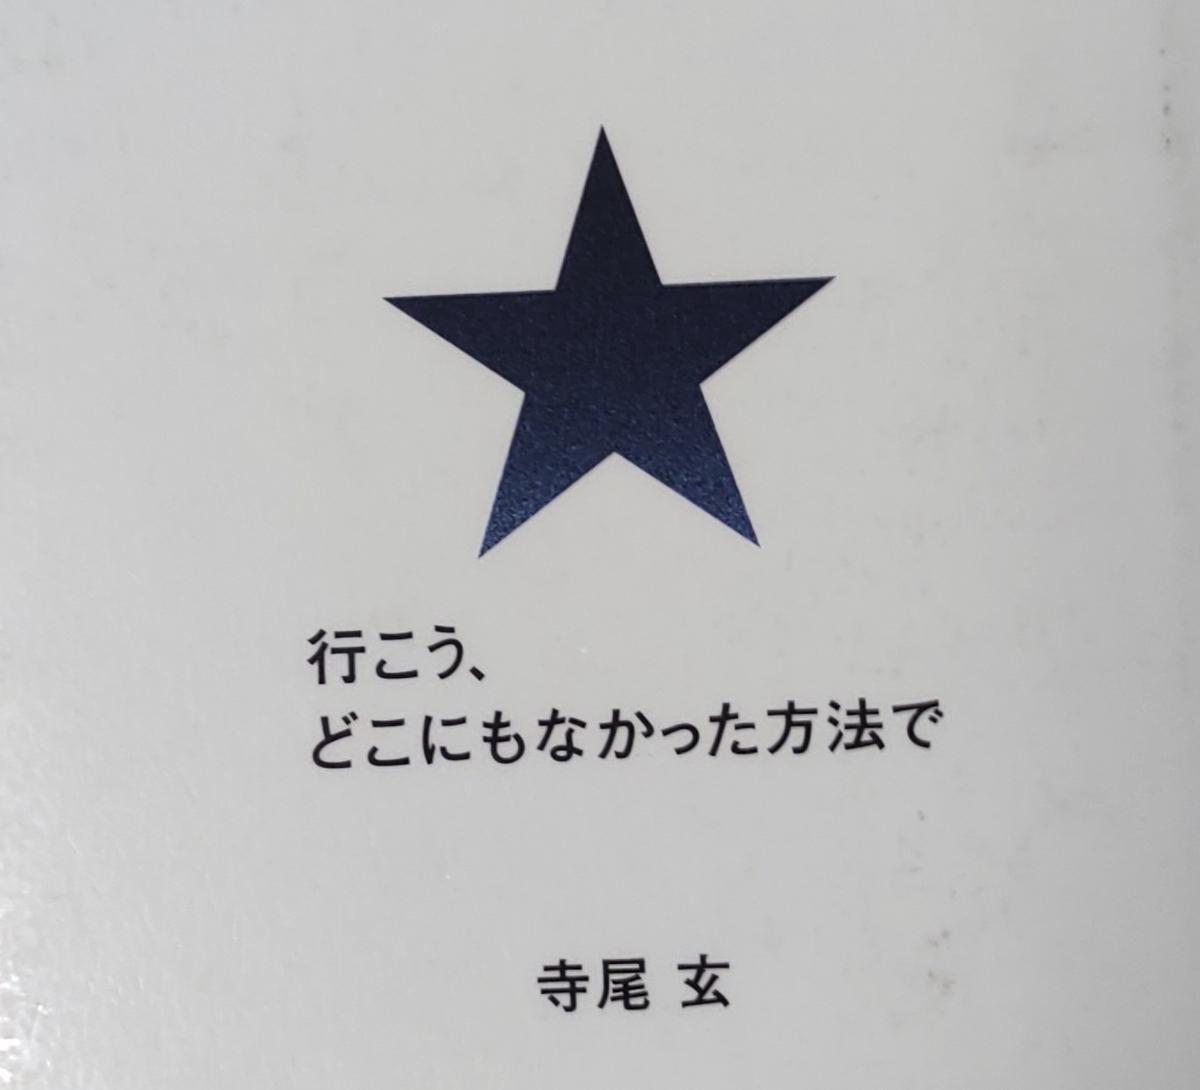 f:id:kuronekokusuke:20210912082224j:plain